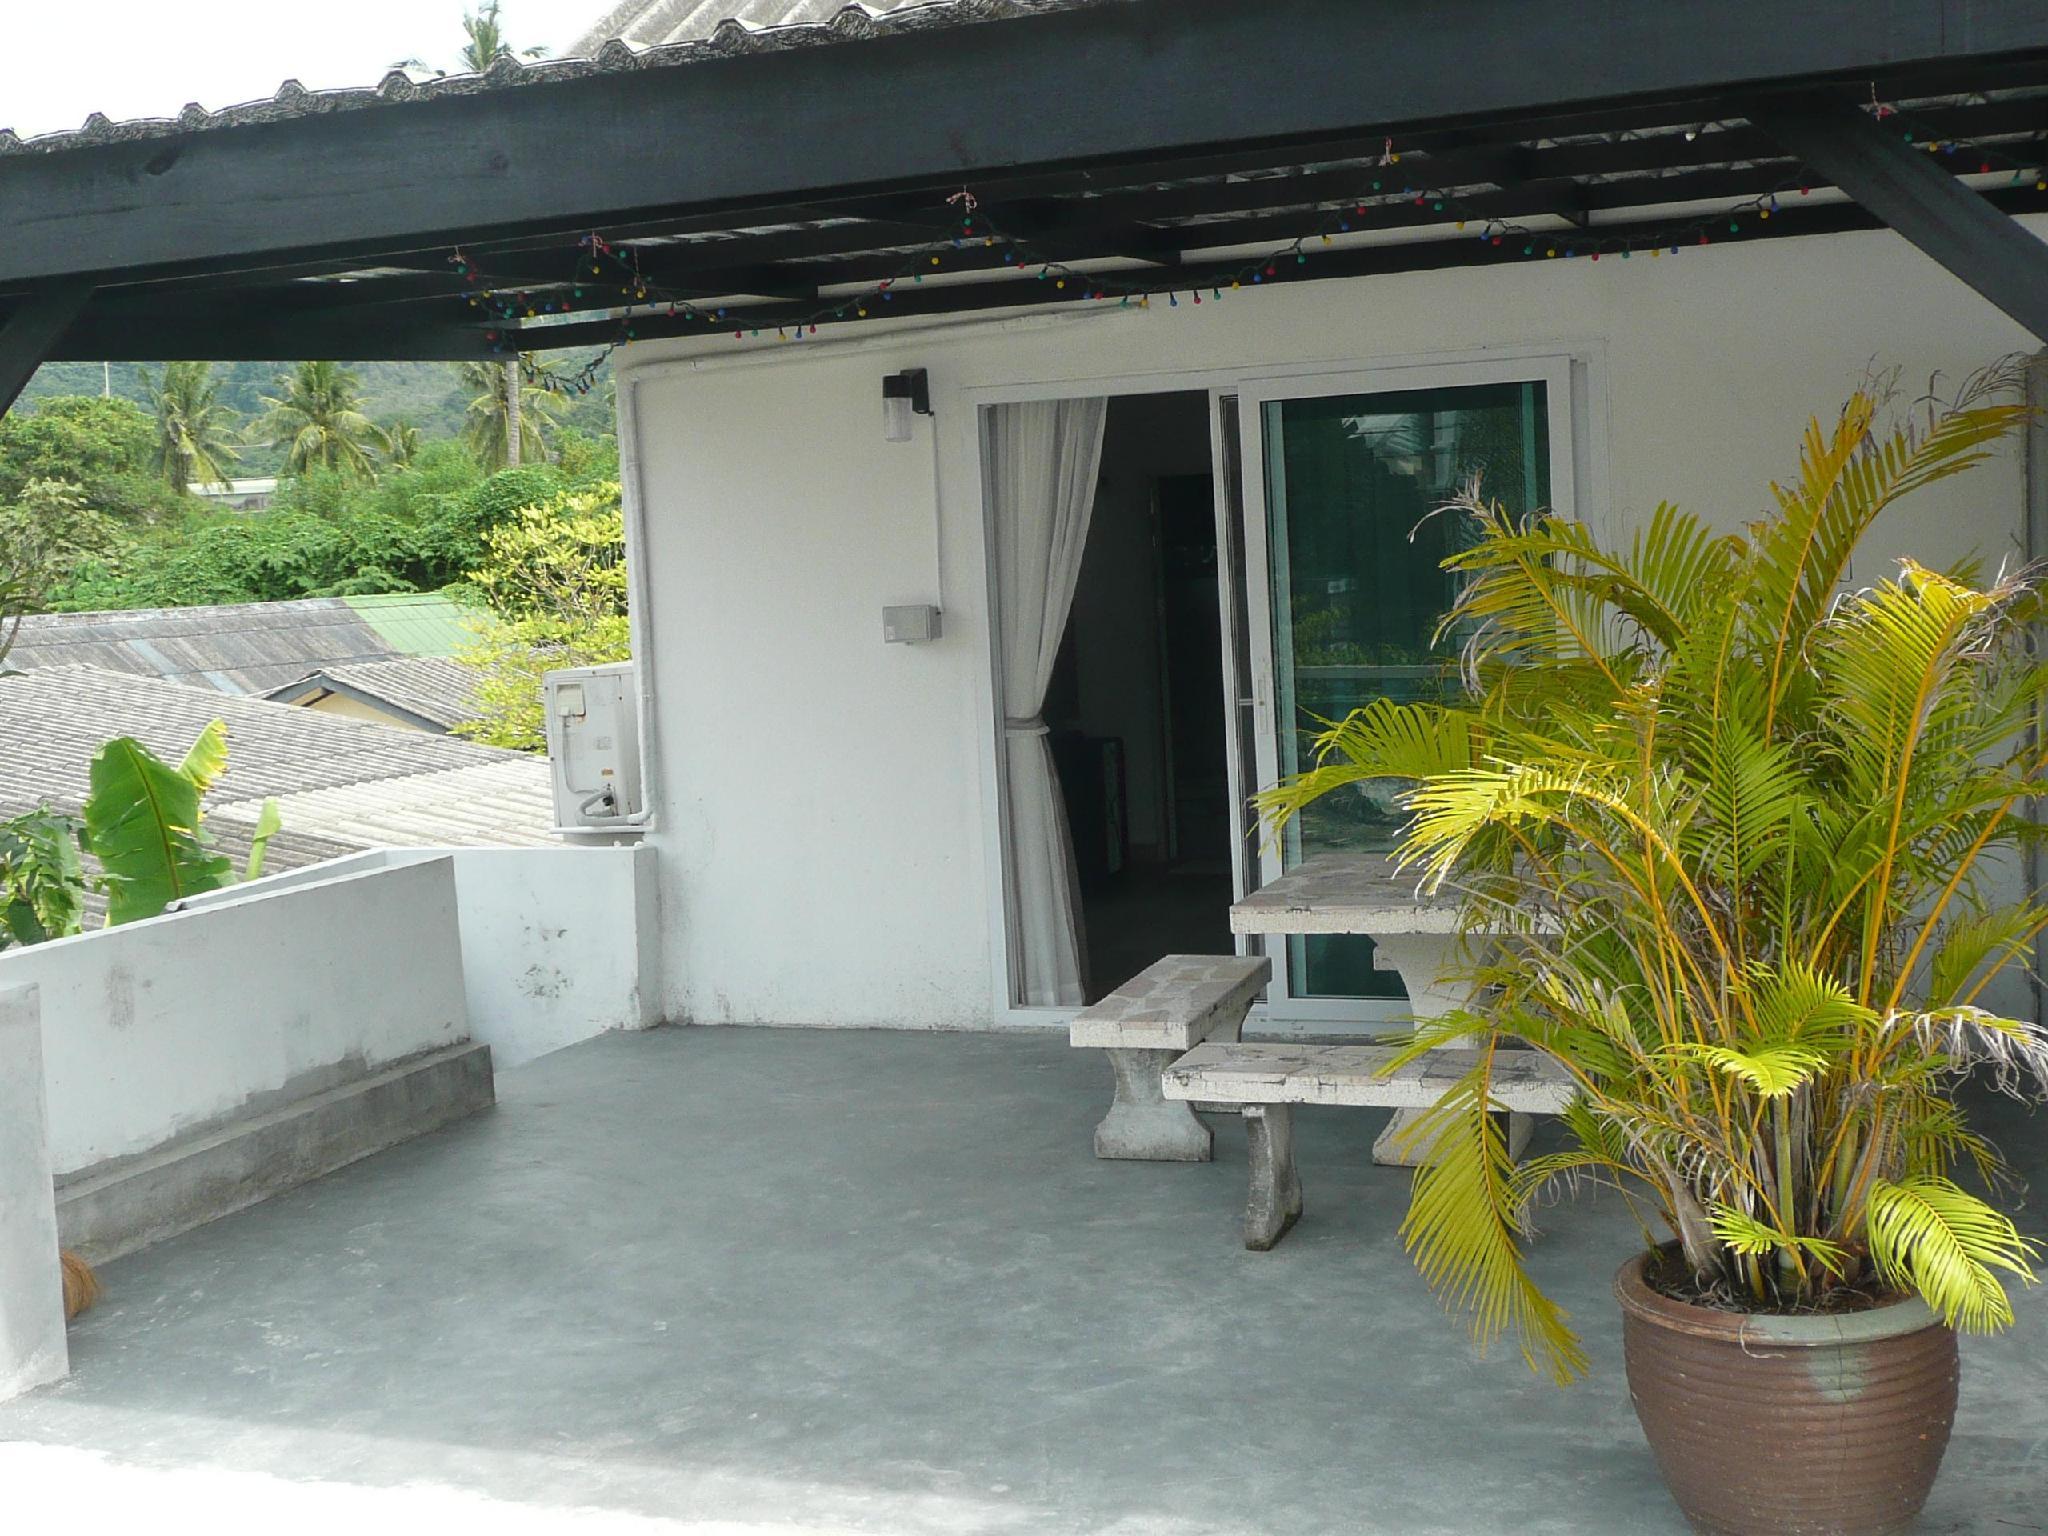 Hotell Green Phuket Guesthouse i Kamala, Phuket. Klicka för att läsa mer och skicka bokningsförfrågan